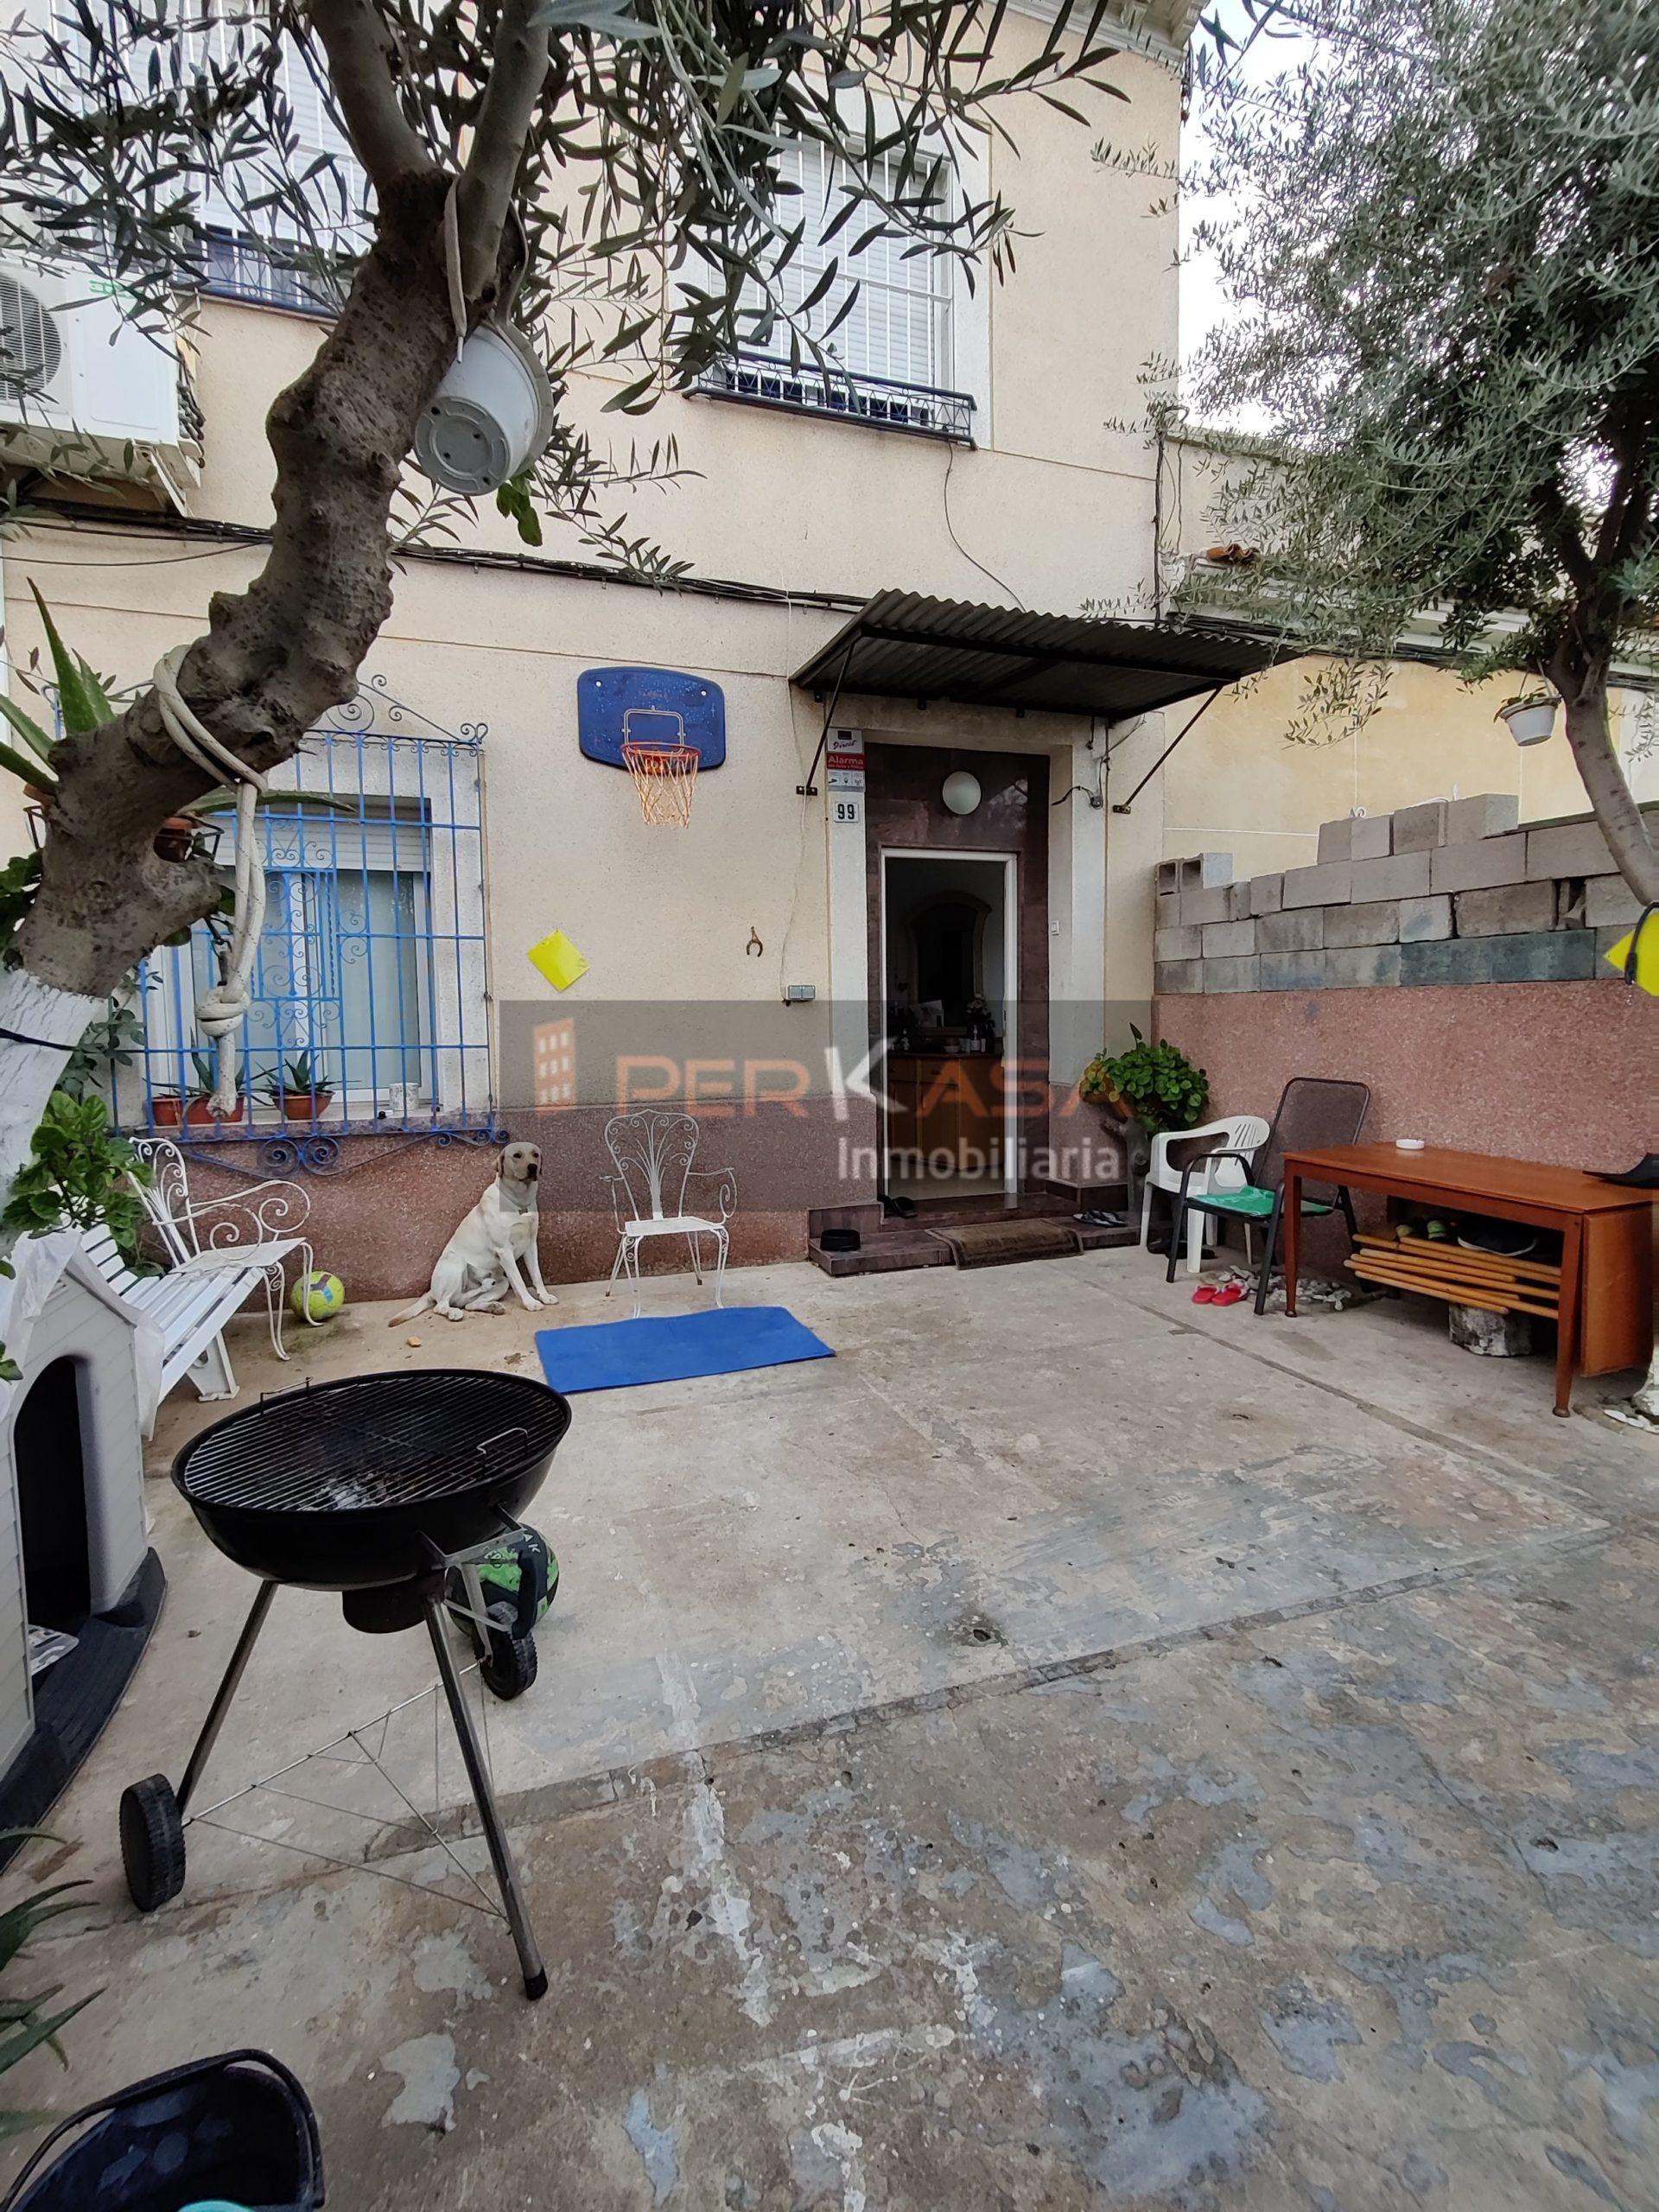 Casa pareada Carretera Alcantarilla , con terraza aparcamiento delantera y patio